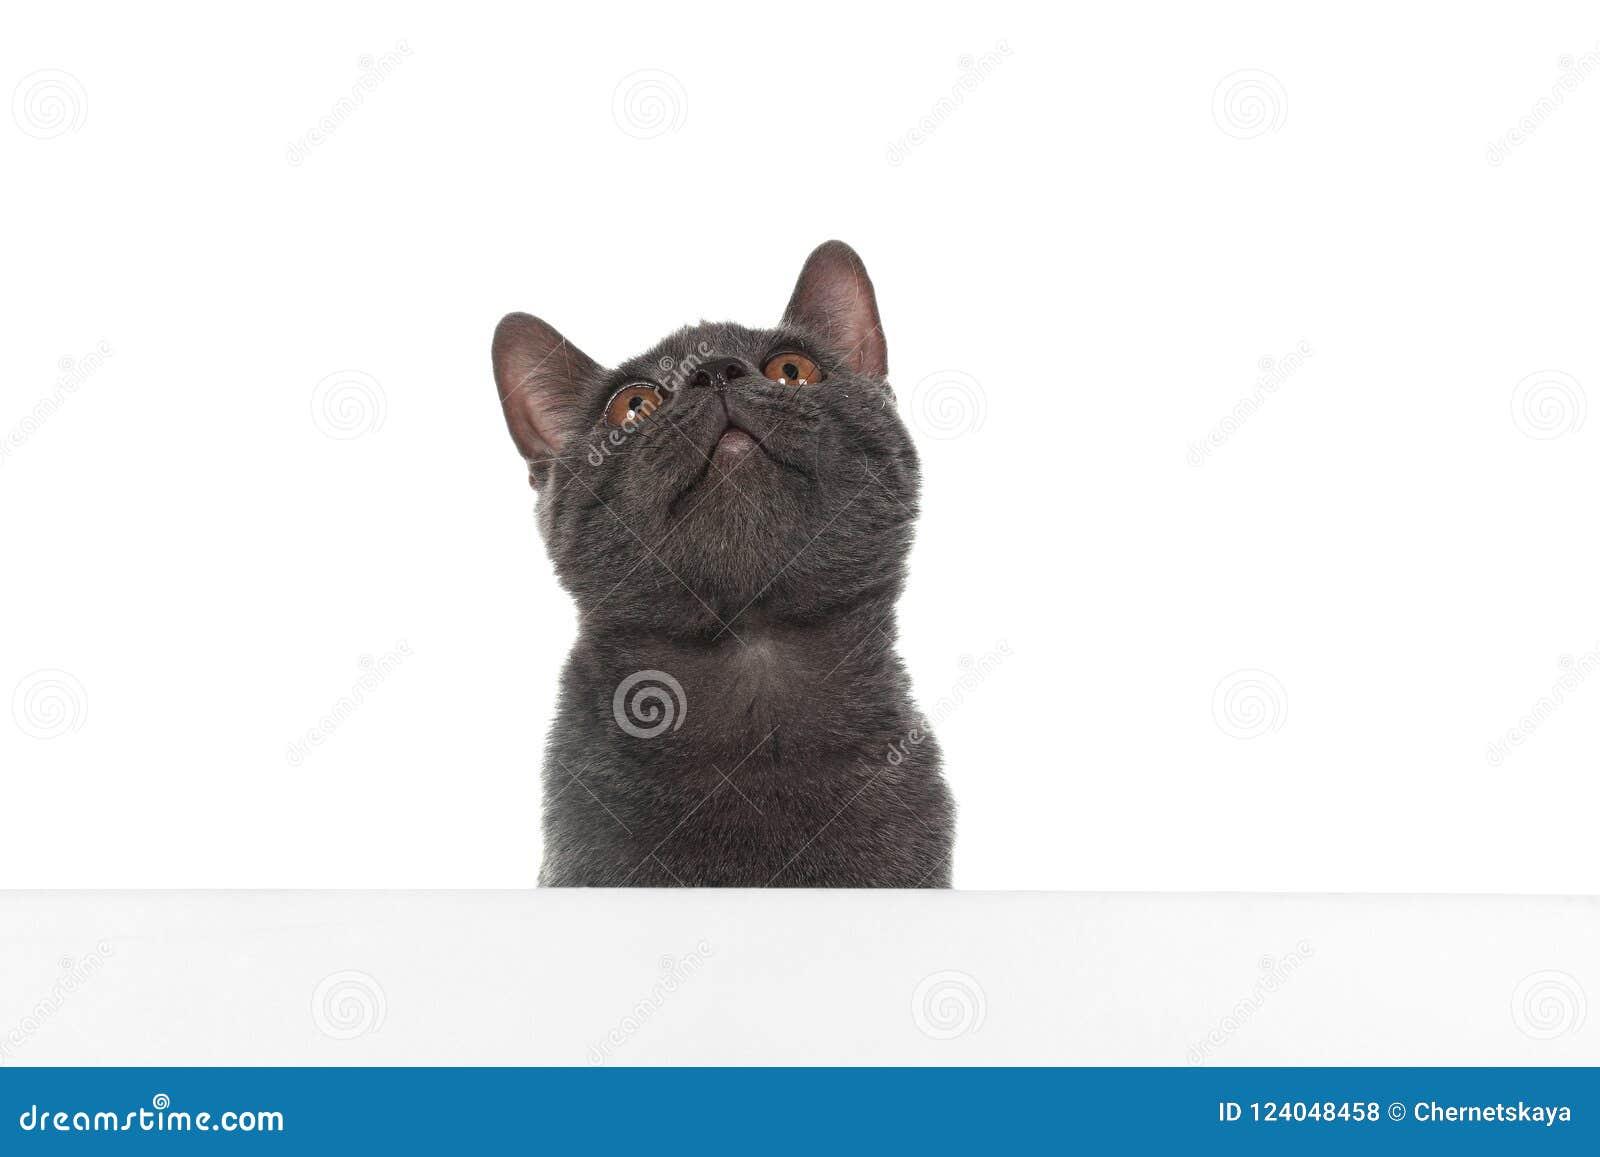 Gato cinzento adorável de Ingleses Shorthair com cartaz